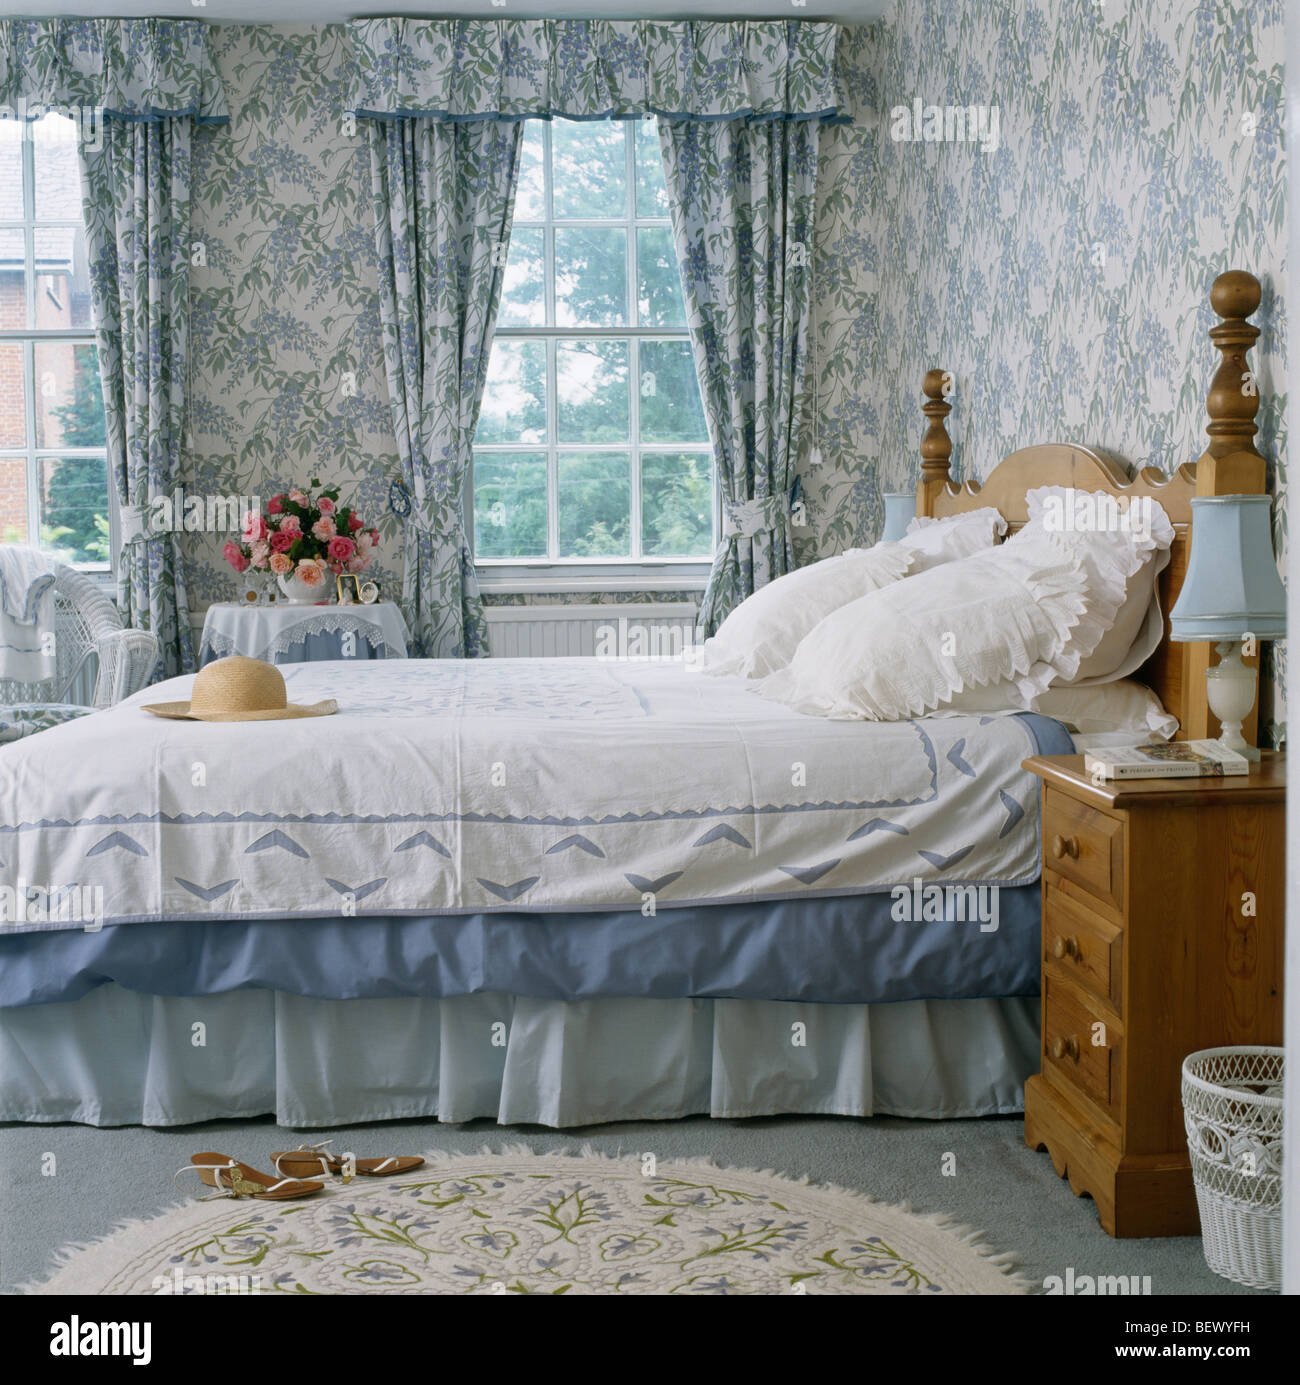 Blaue Weisse Tapete Und Passende Gardinen Im Traditionellen Landhausstil Schlafzimmer Weisser Spitze Kissen Weissen Bettdecke Auf Bett